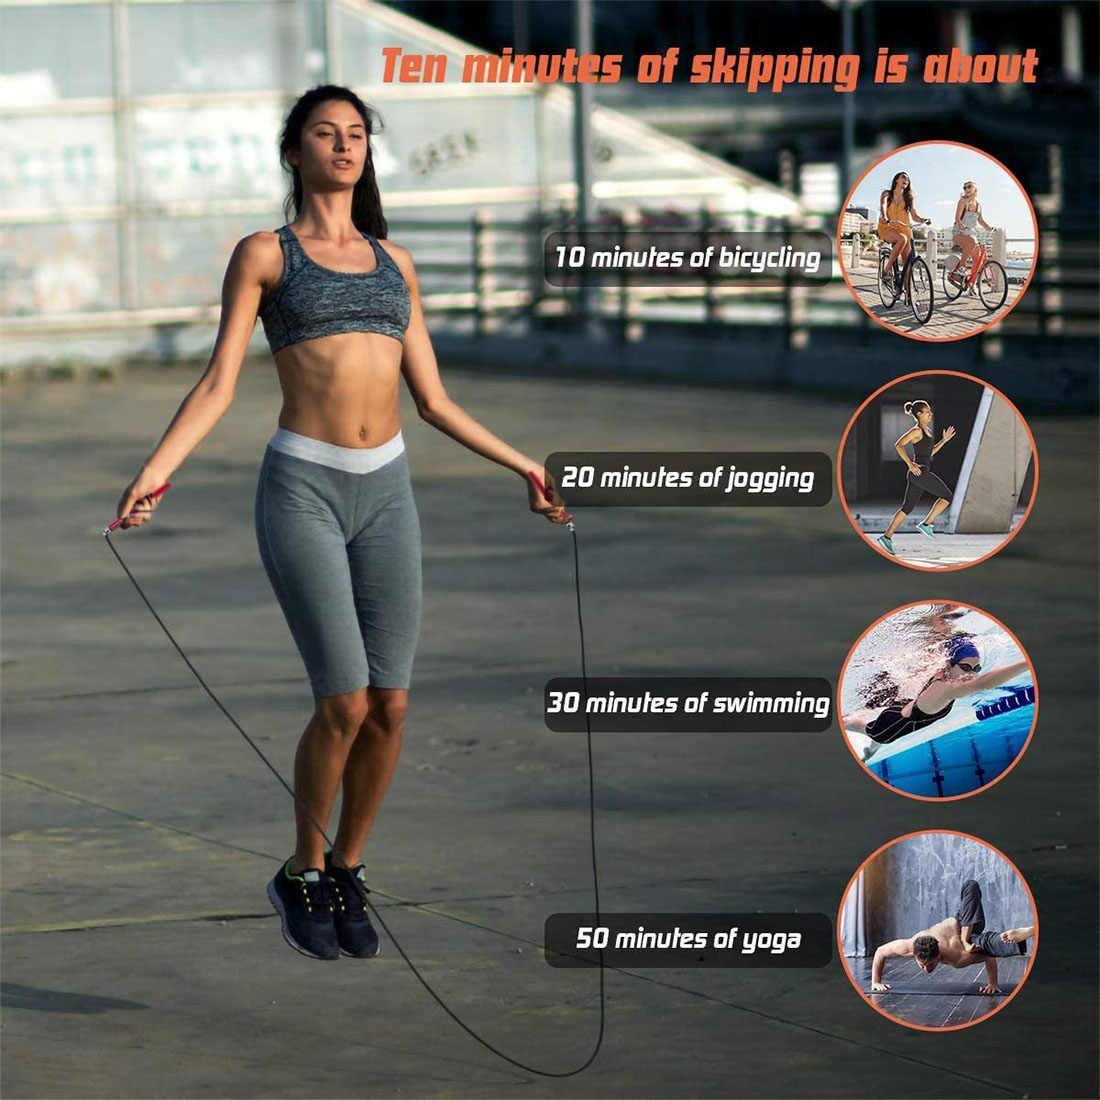 スキップトレーニングロープ速度ジャンプロープボールベアリング迅速なメタルハンドルケーブル耐久ワークアウトボクシング格闘技武道